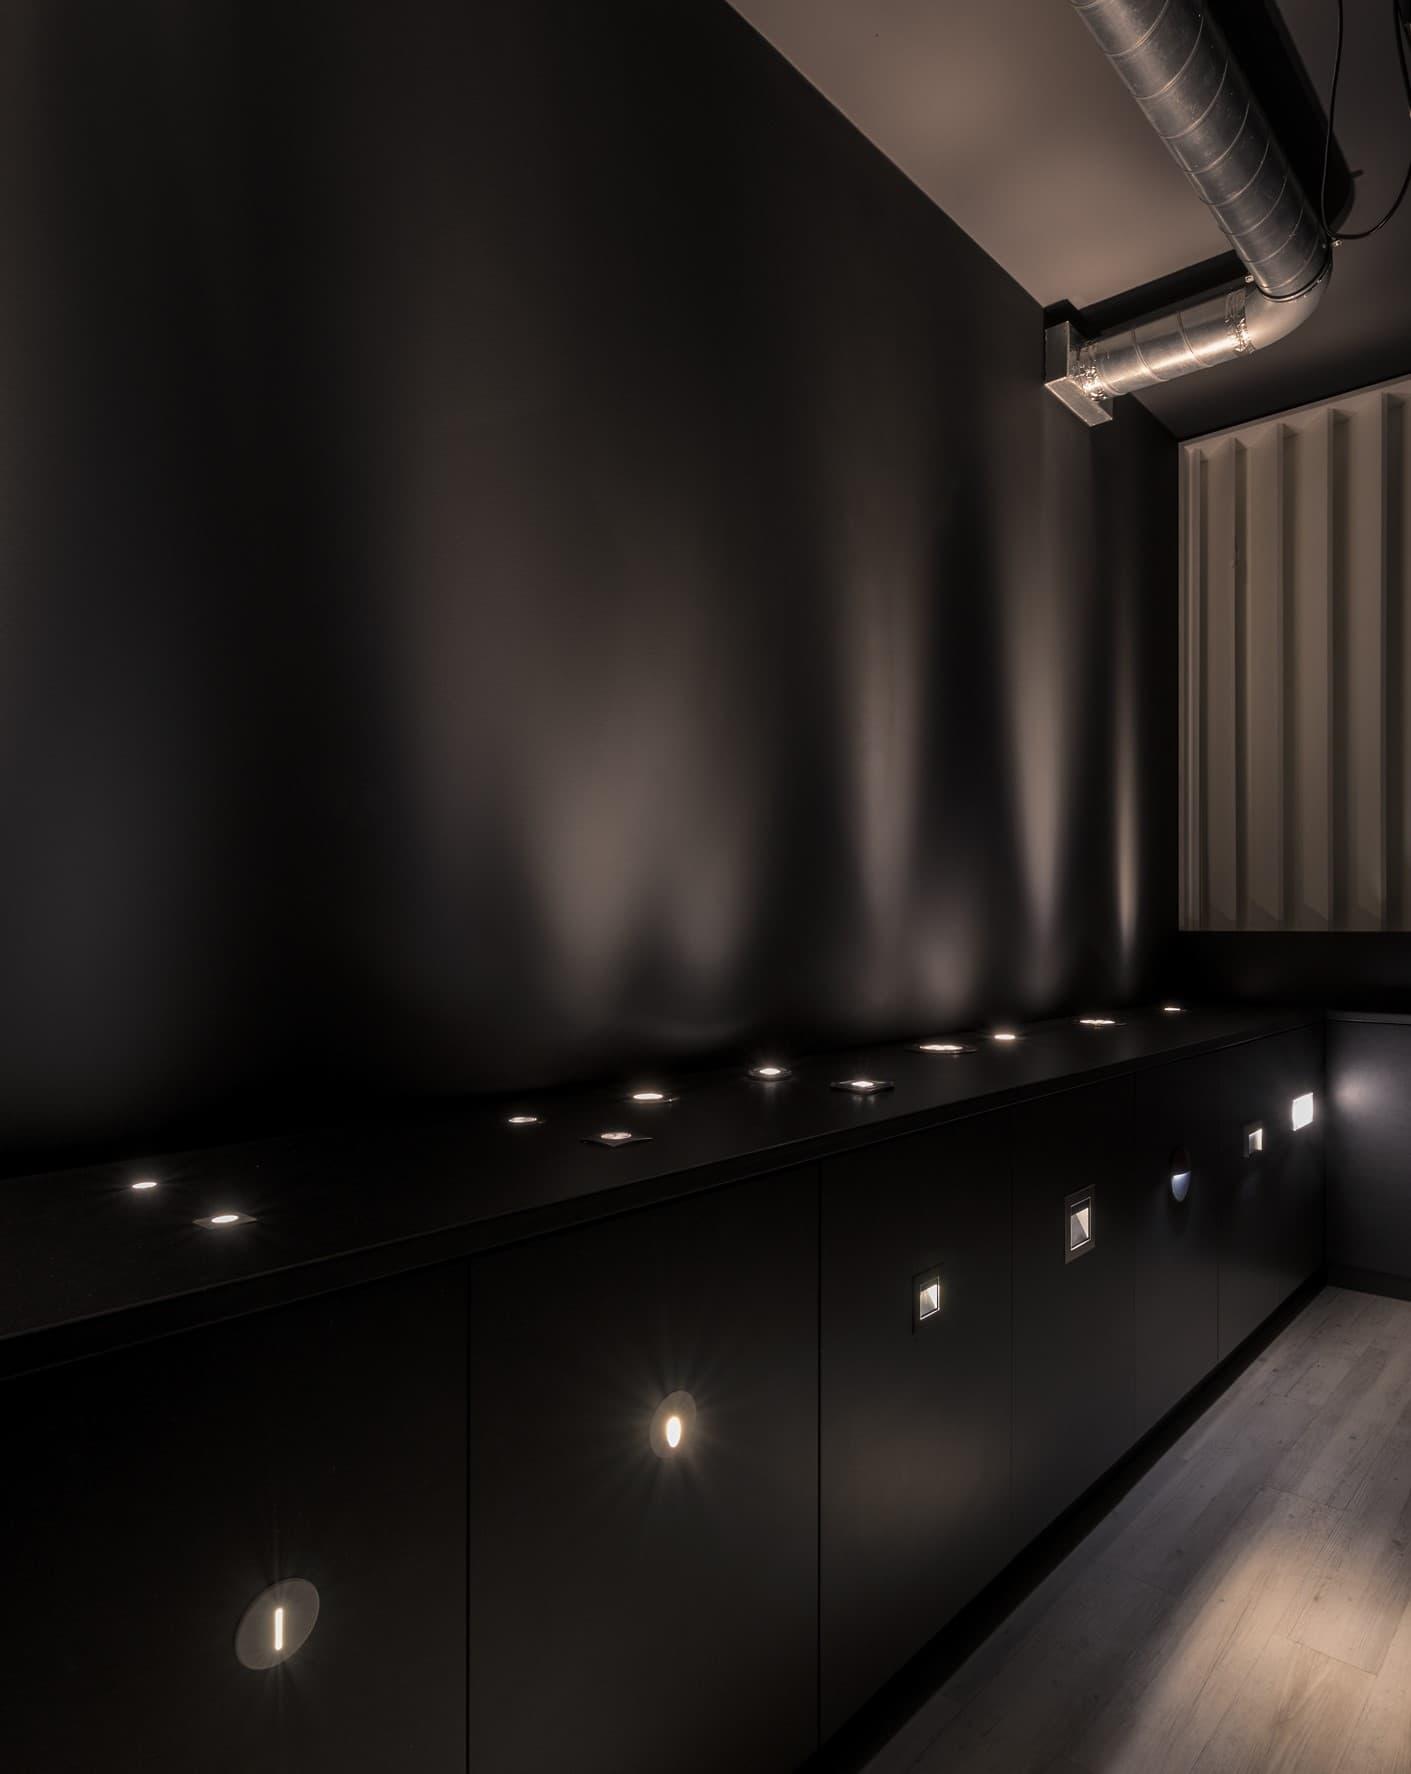 Dark room avec éclairage encastré de la bergerie de LM5P - Le Mouton à 5 Pattes